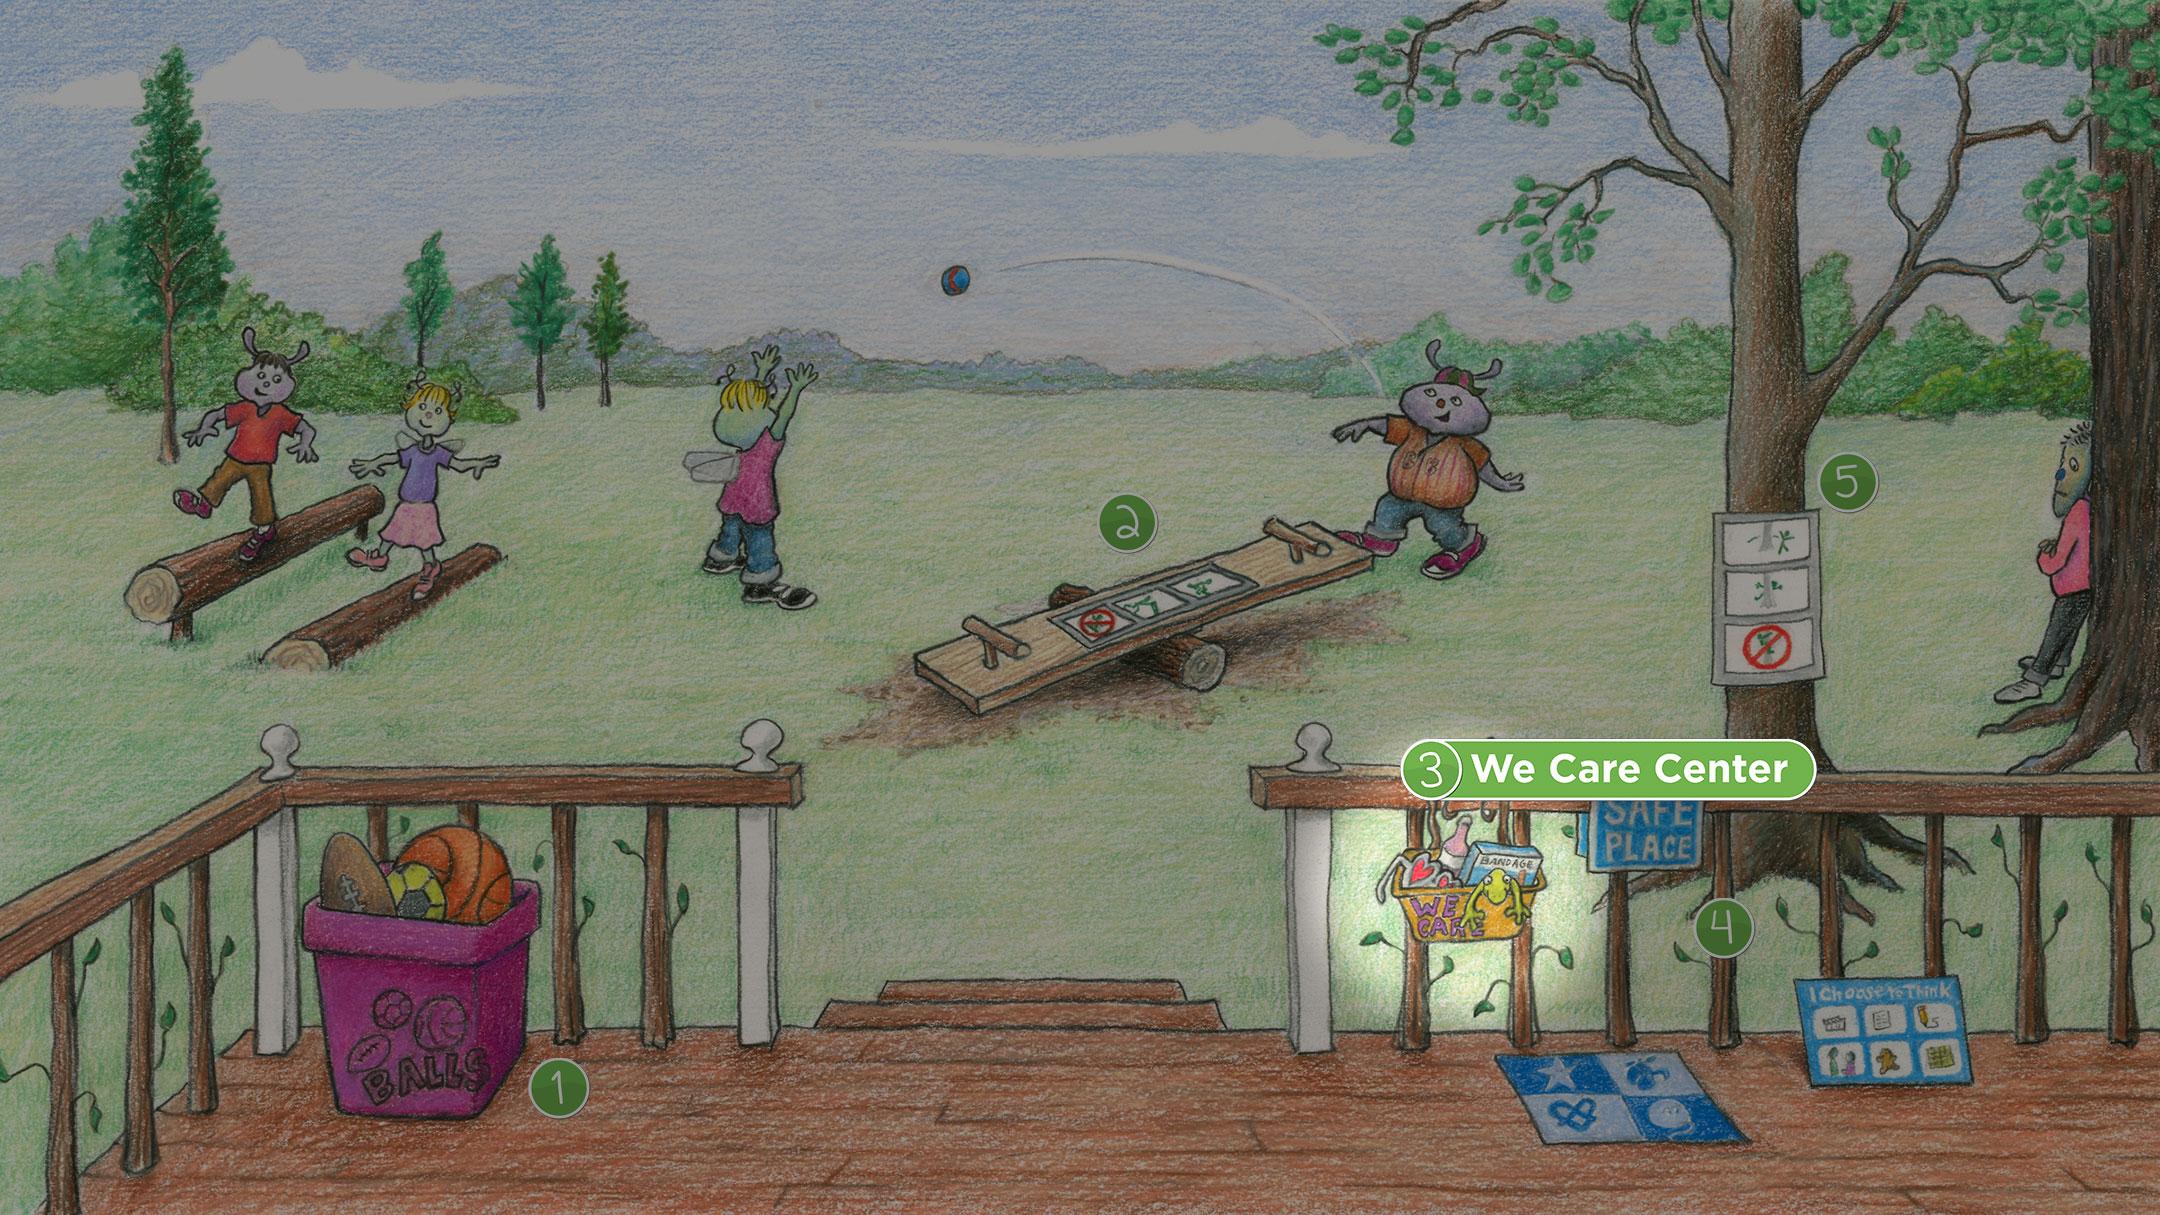 Backyard: We Care Center